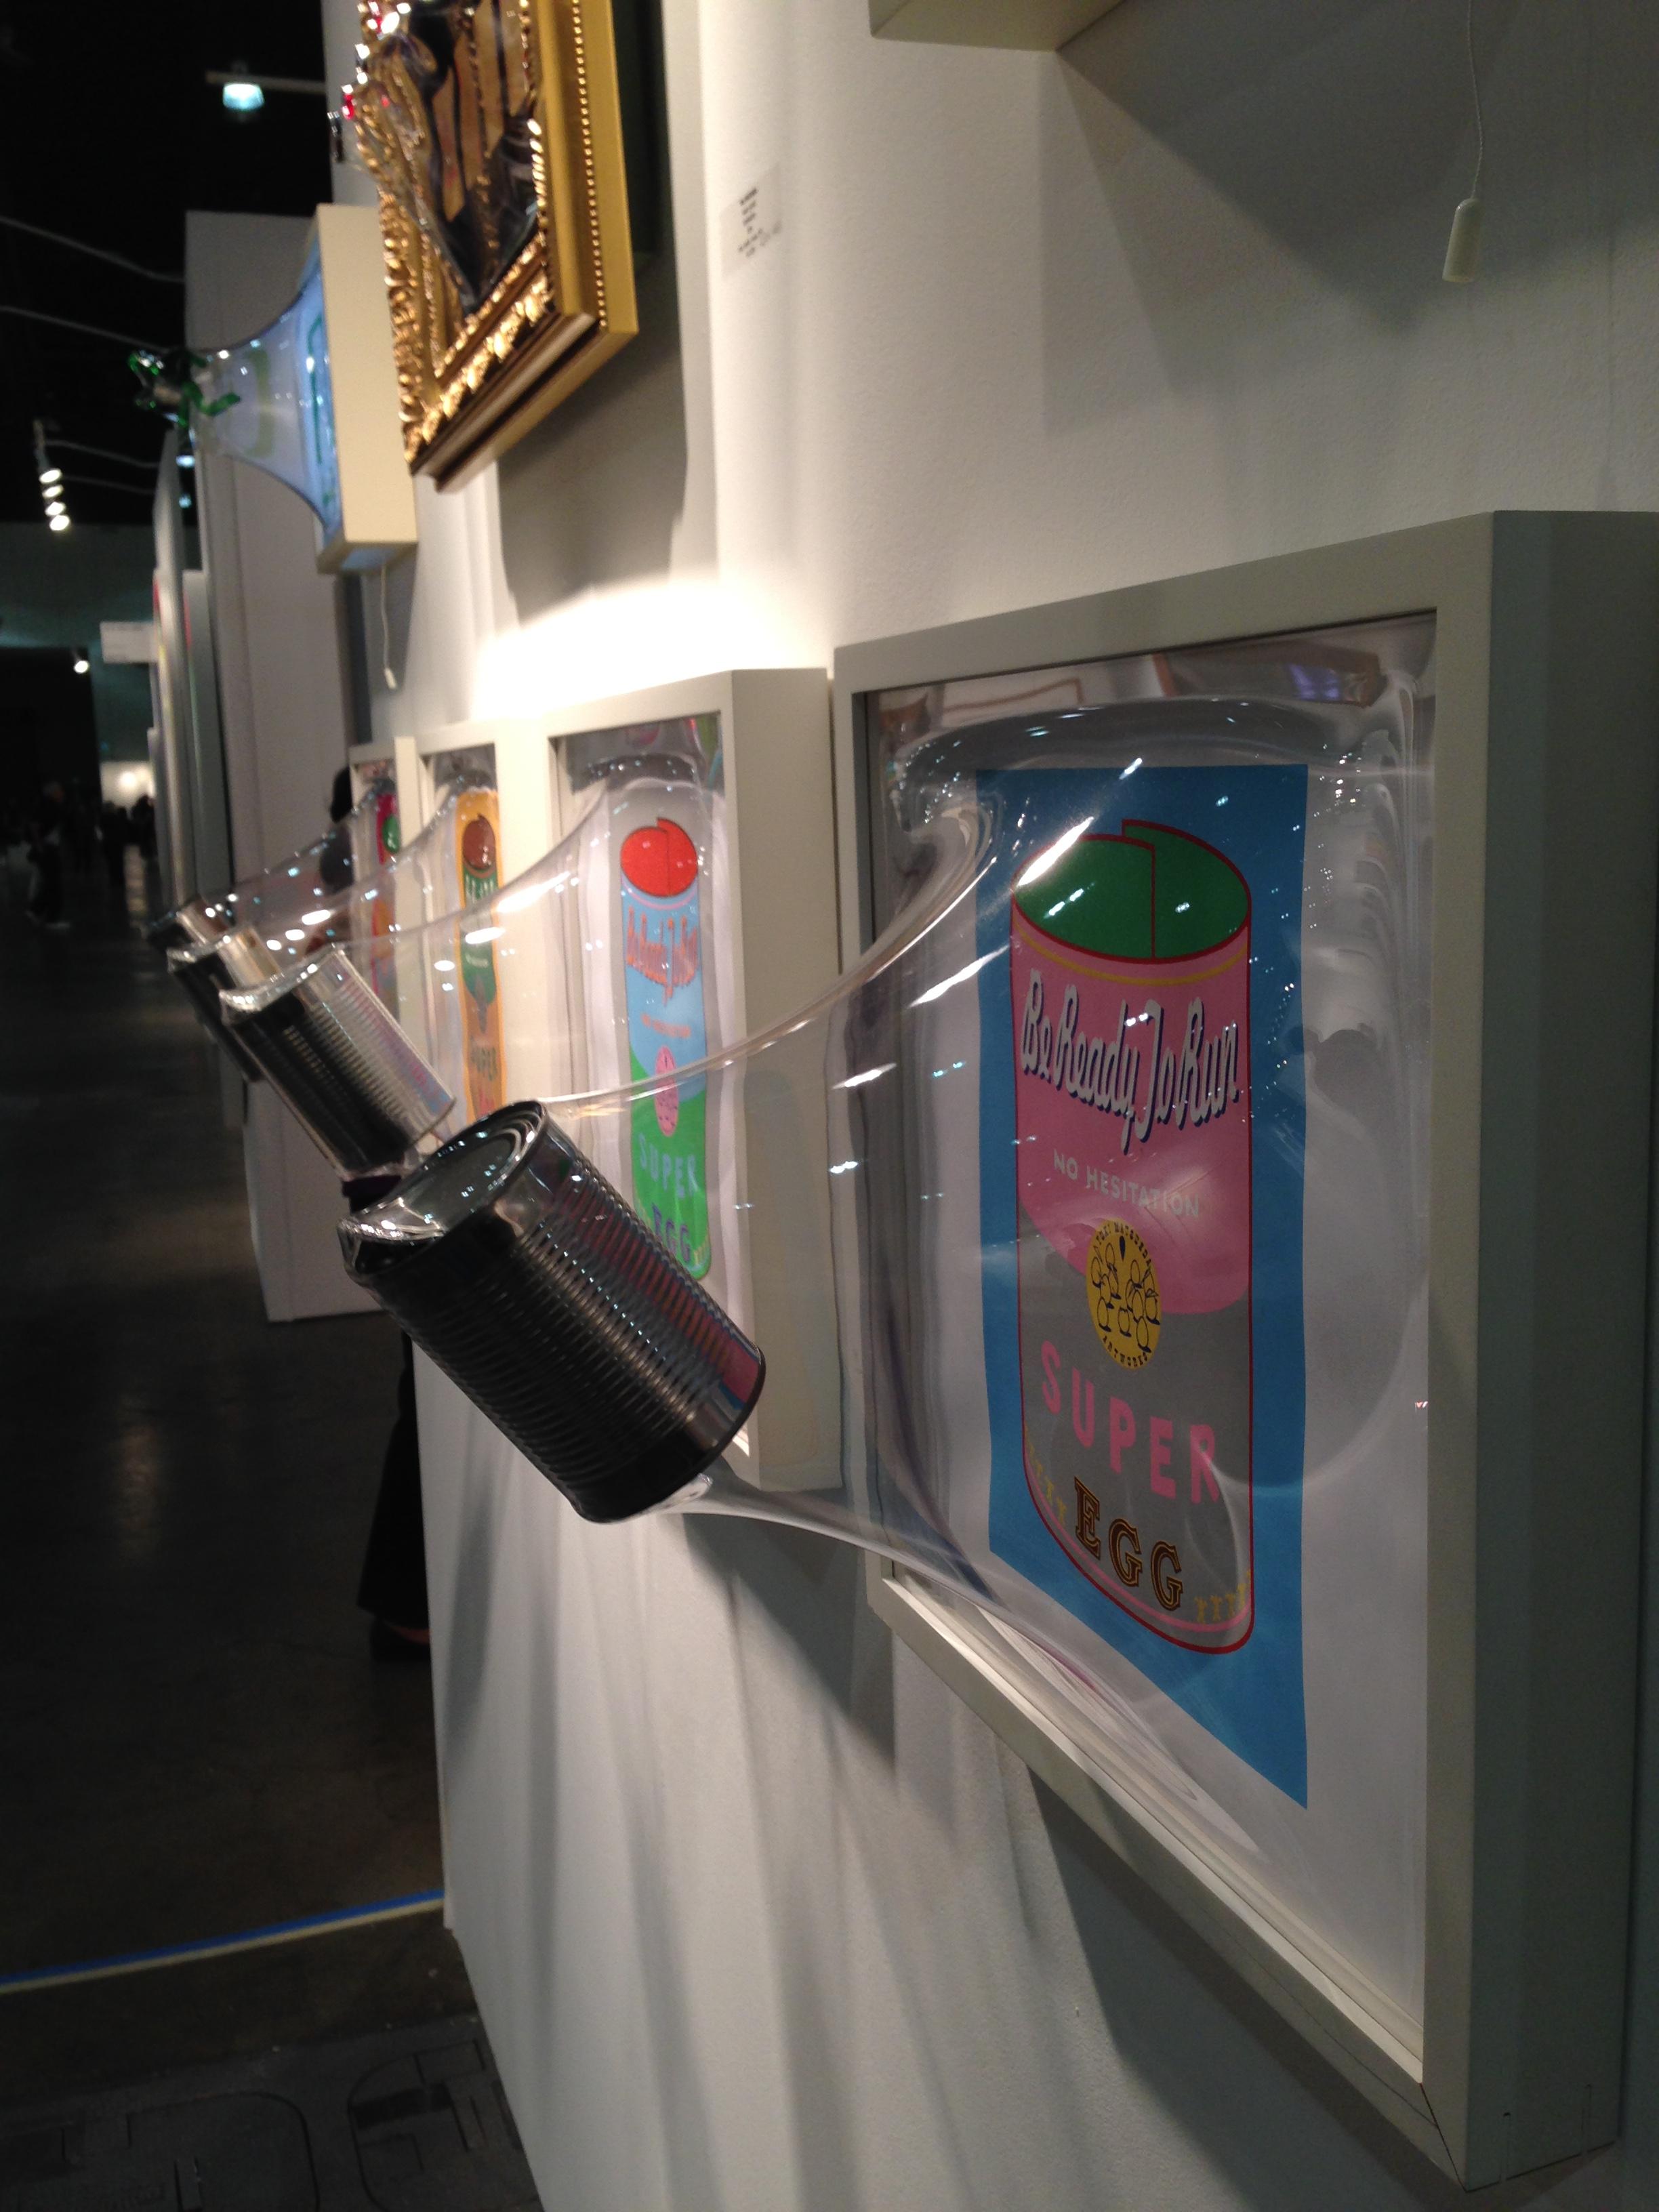 matsueda Yuki at Keusman gallery